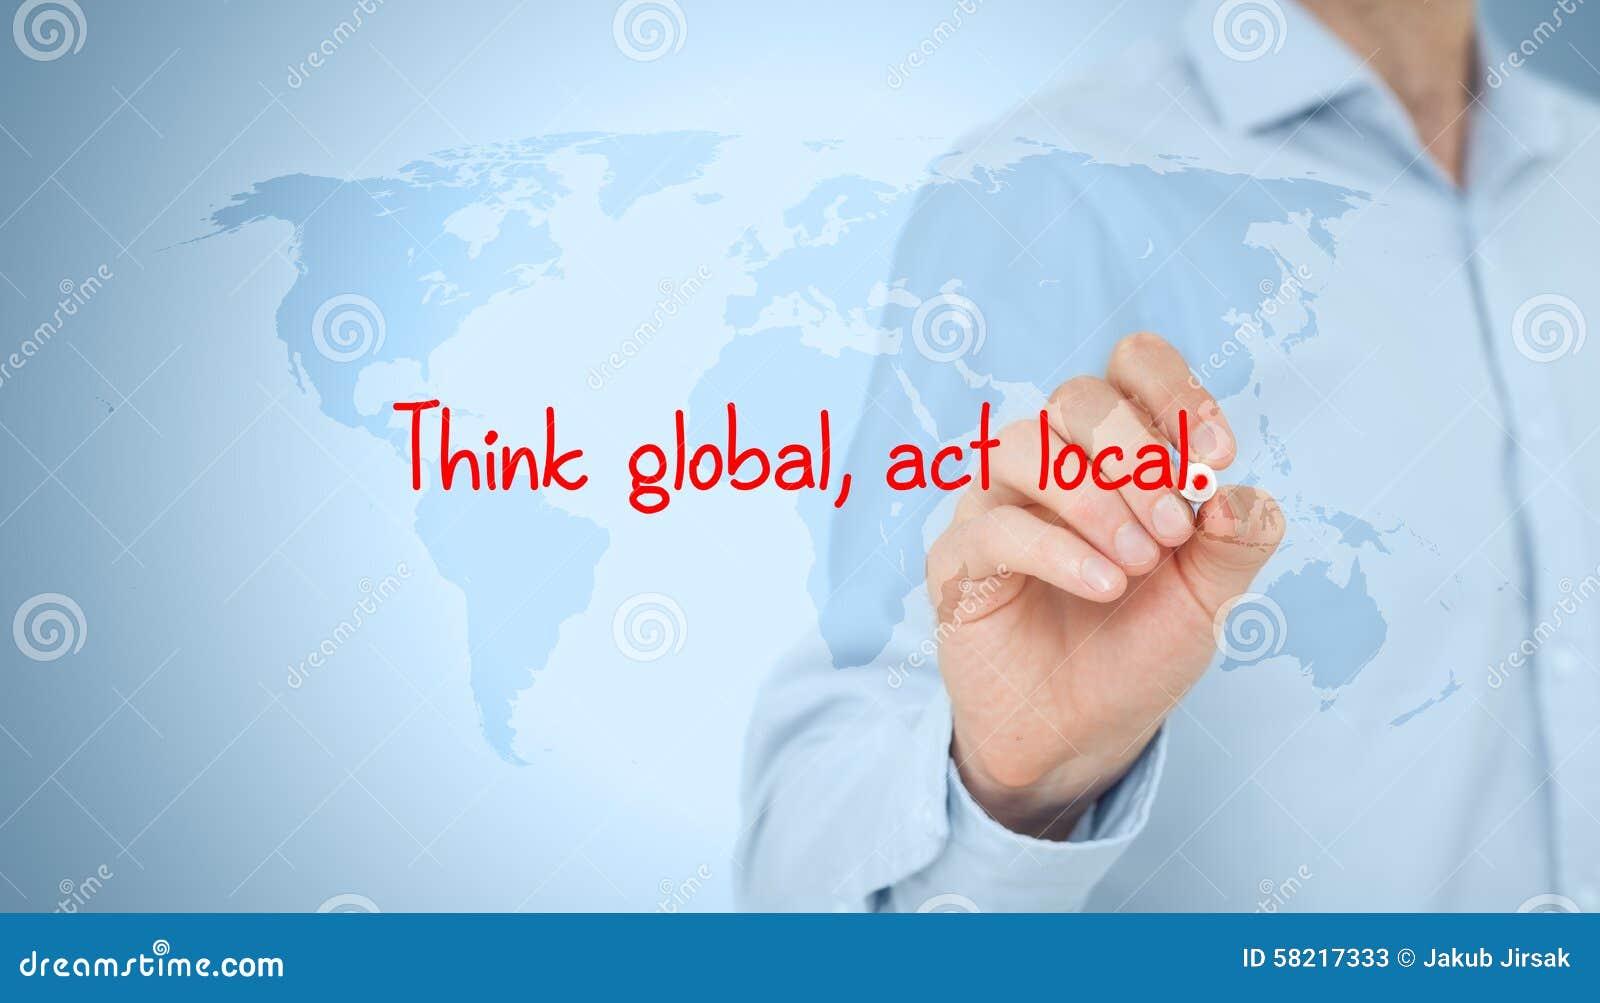 Denk globale handeling lokaal